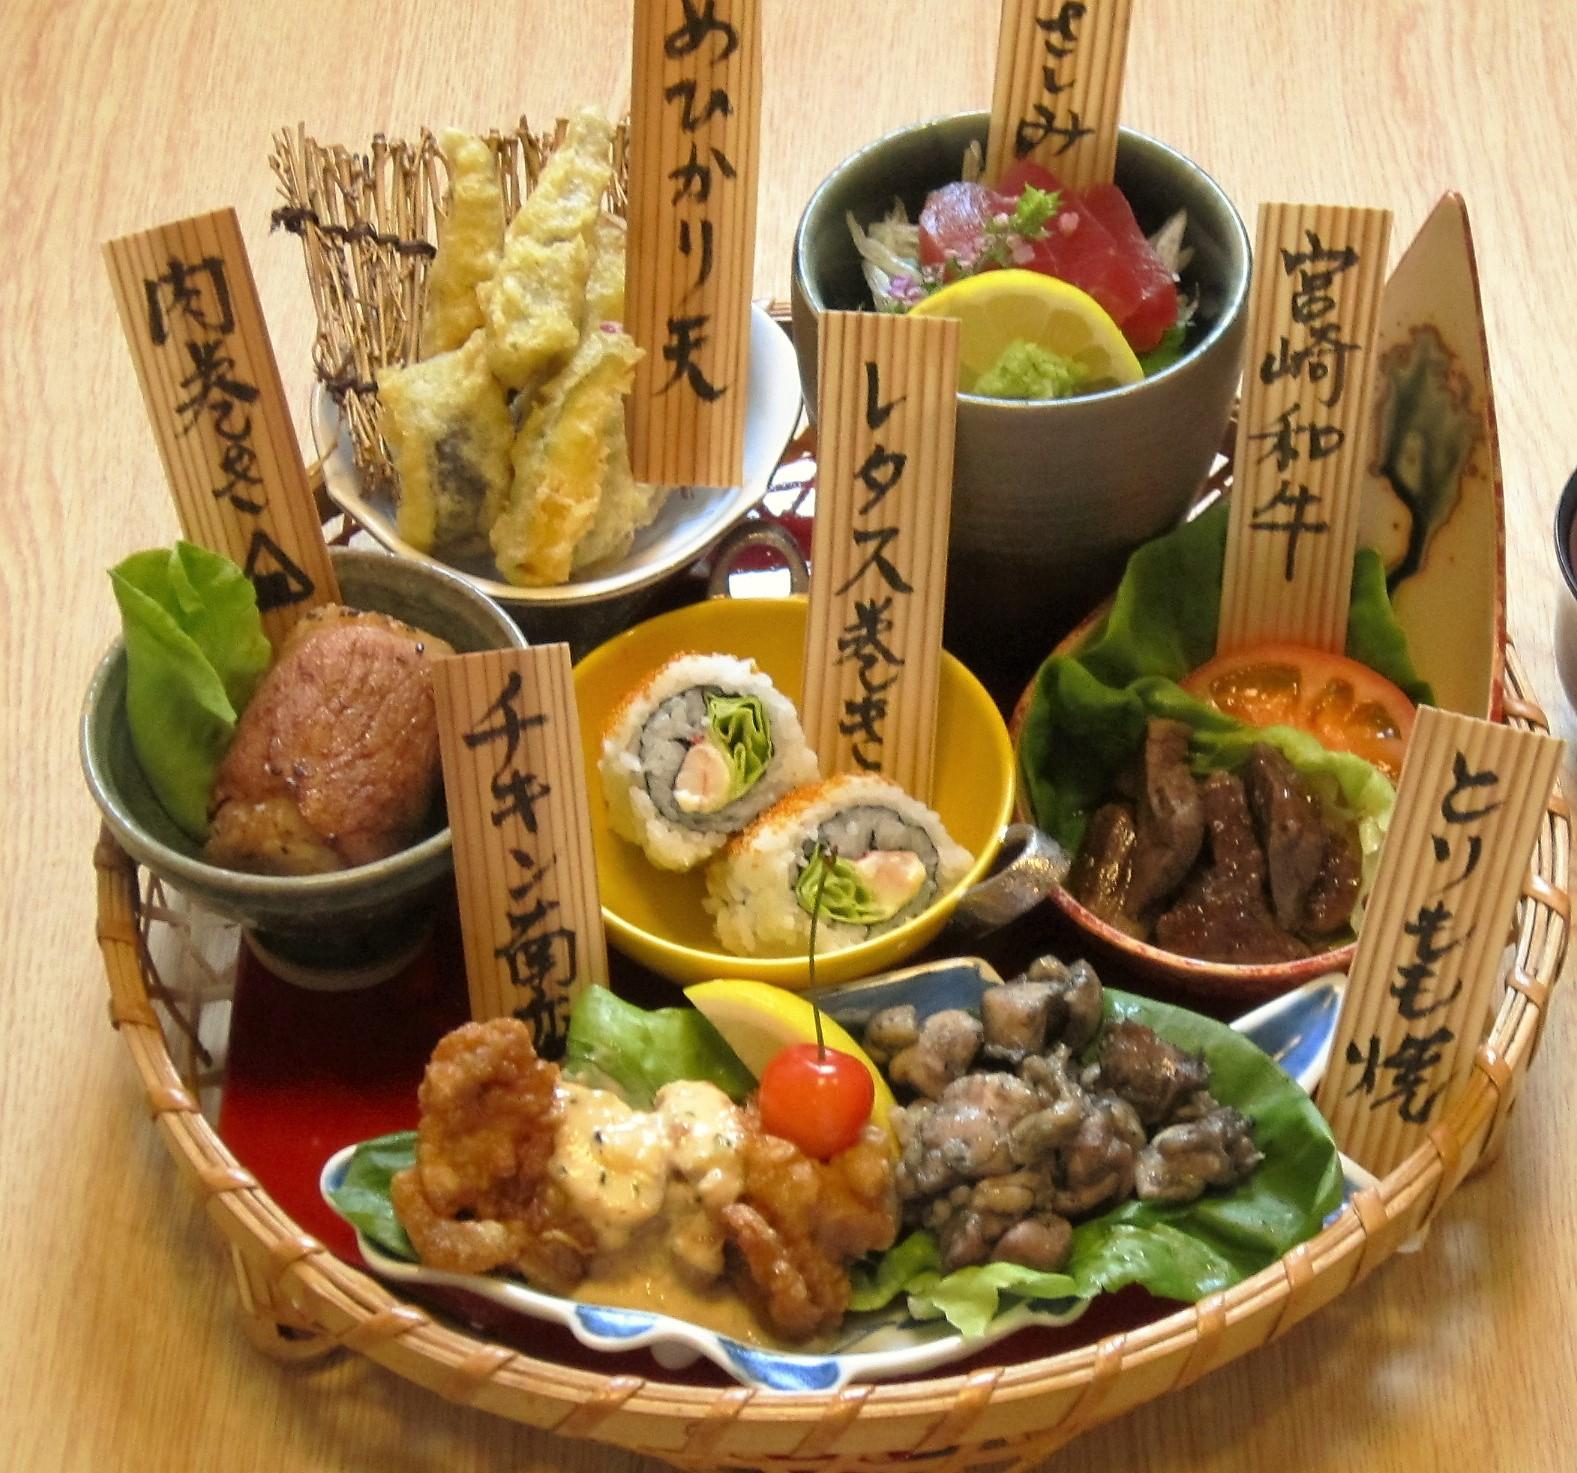 宮崎名物盛りかご膳、ランチで人気です!